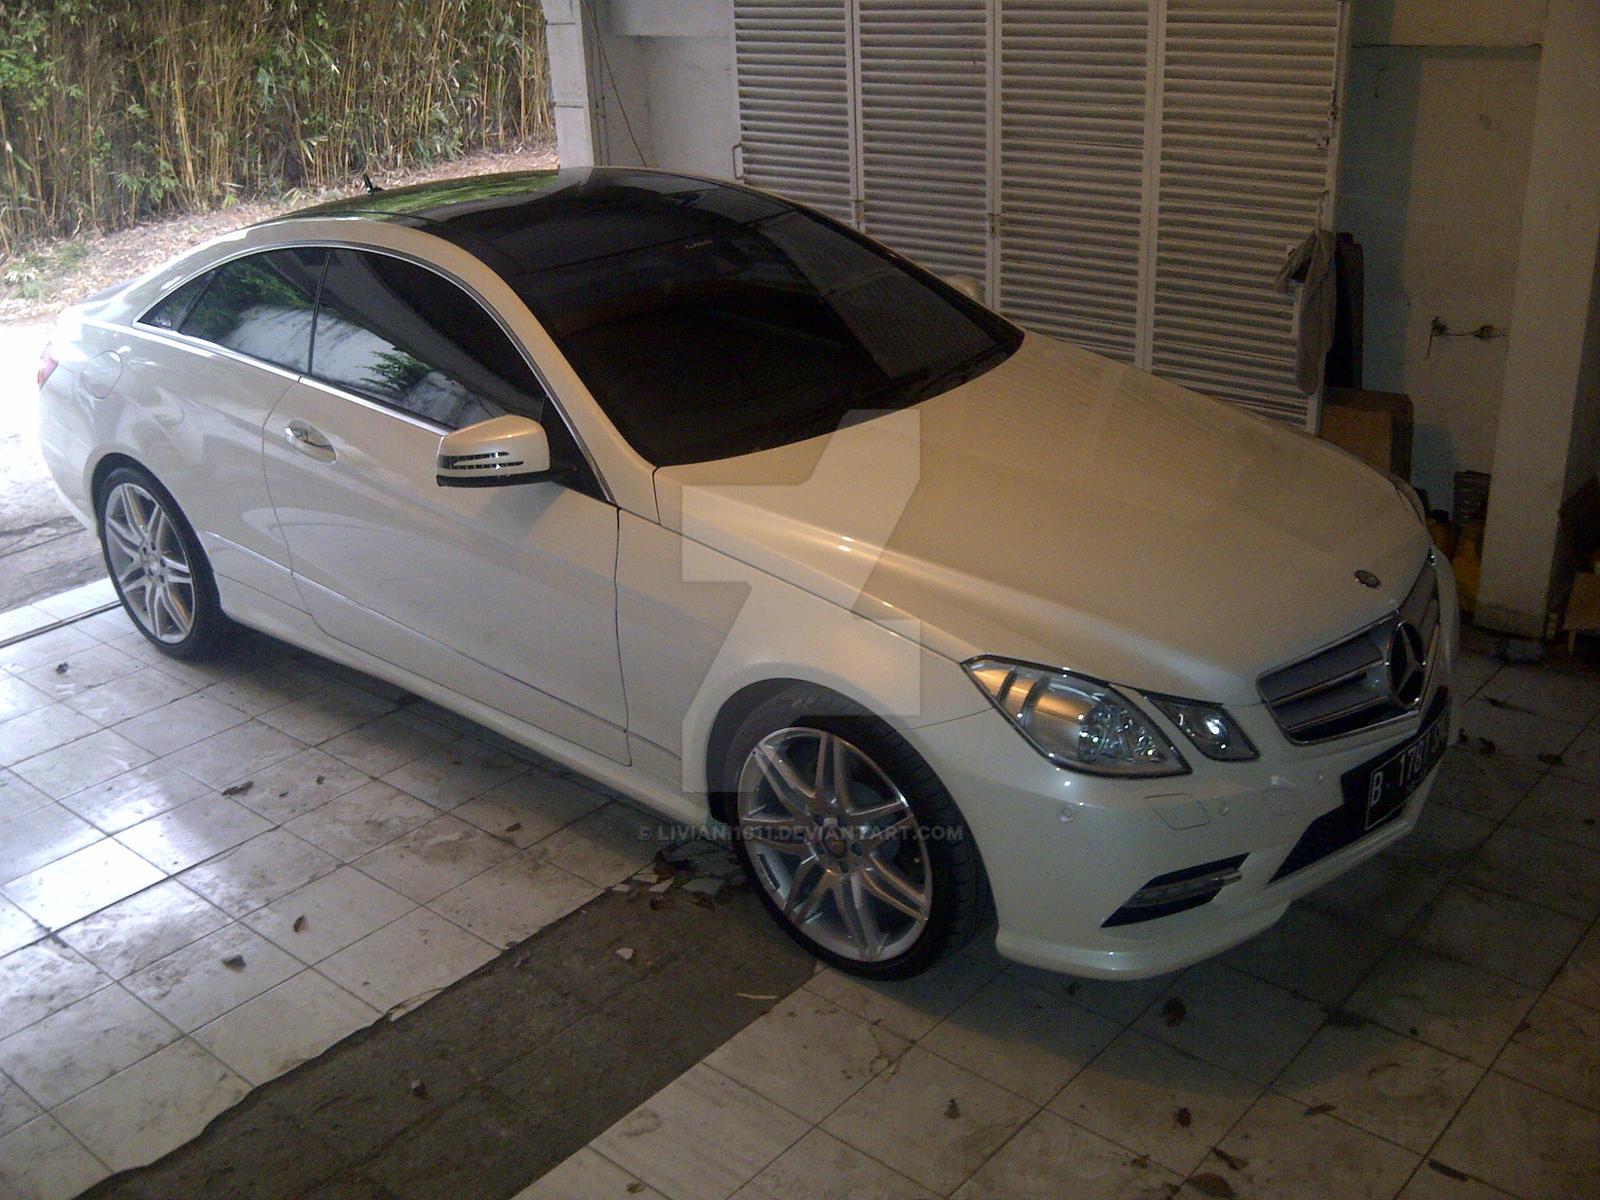 Mercedes benz e250 coupe by liviani1611 on deviantart for Mercedes benz e250